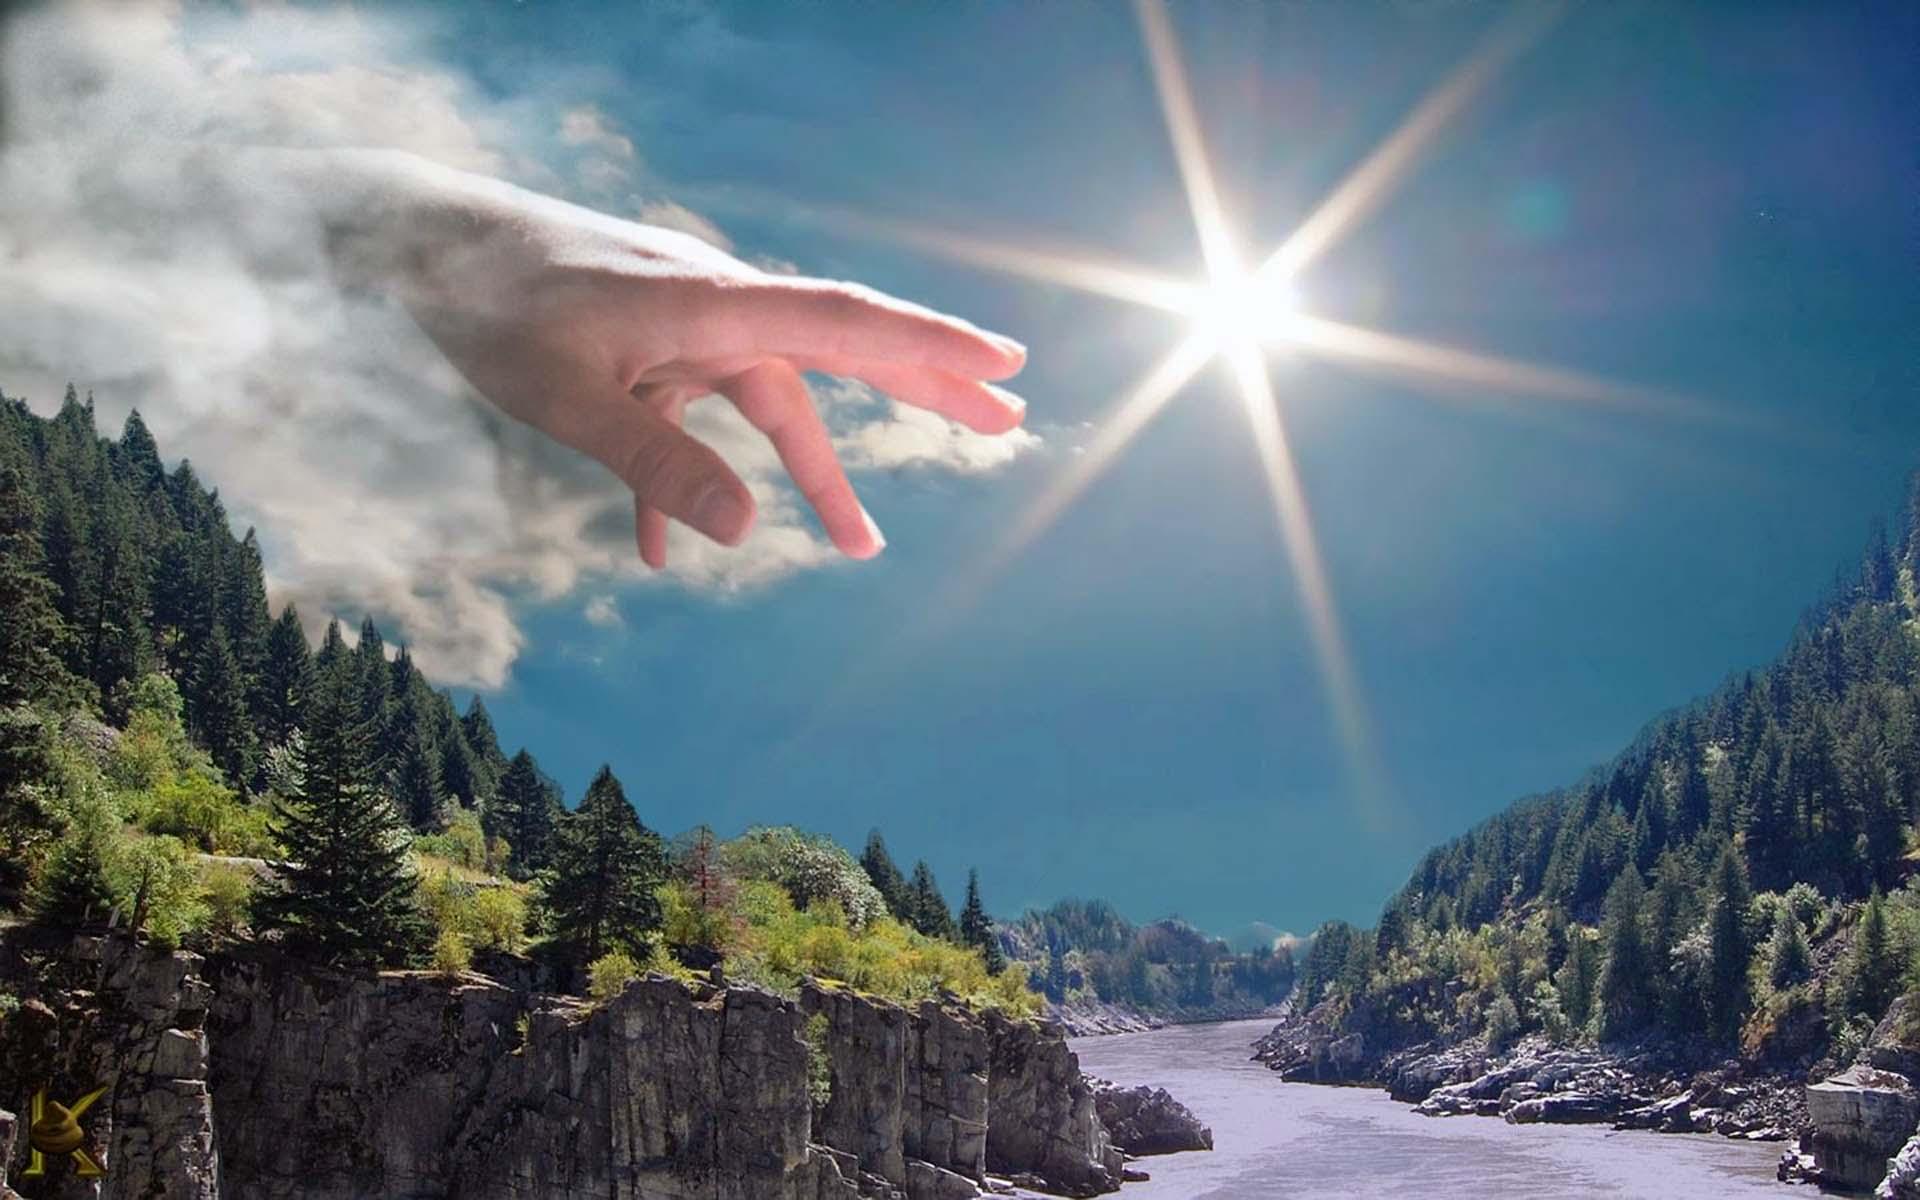 японии фото божественные чудеса на земле регулировка руля